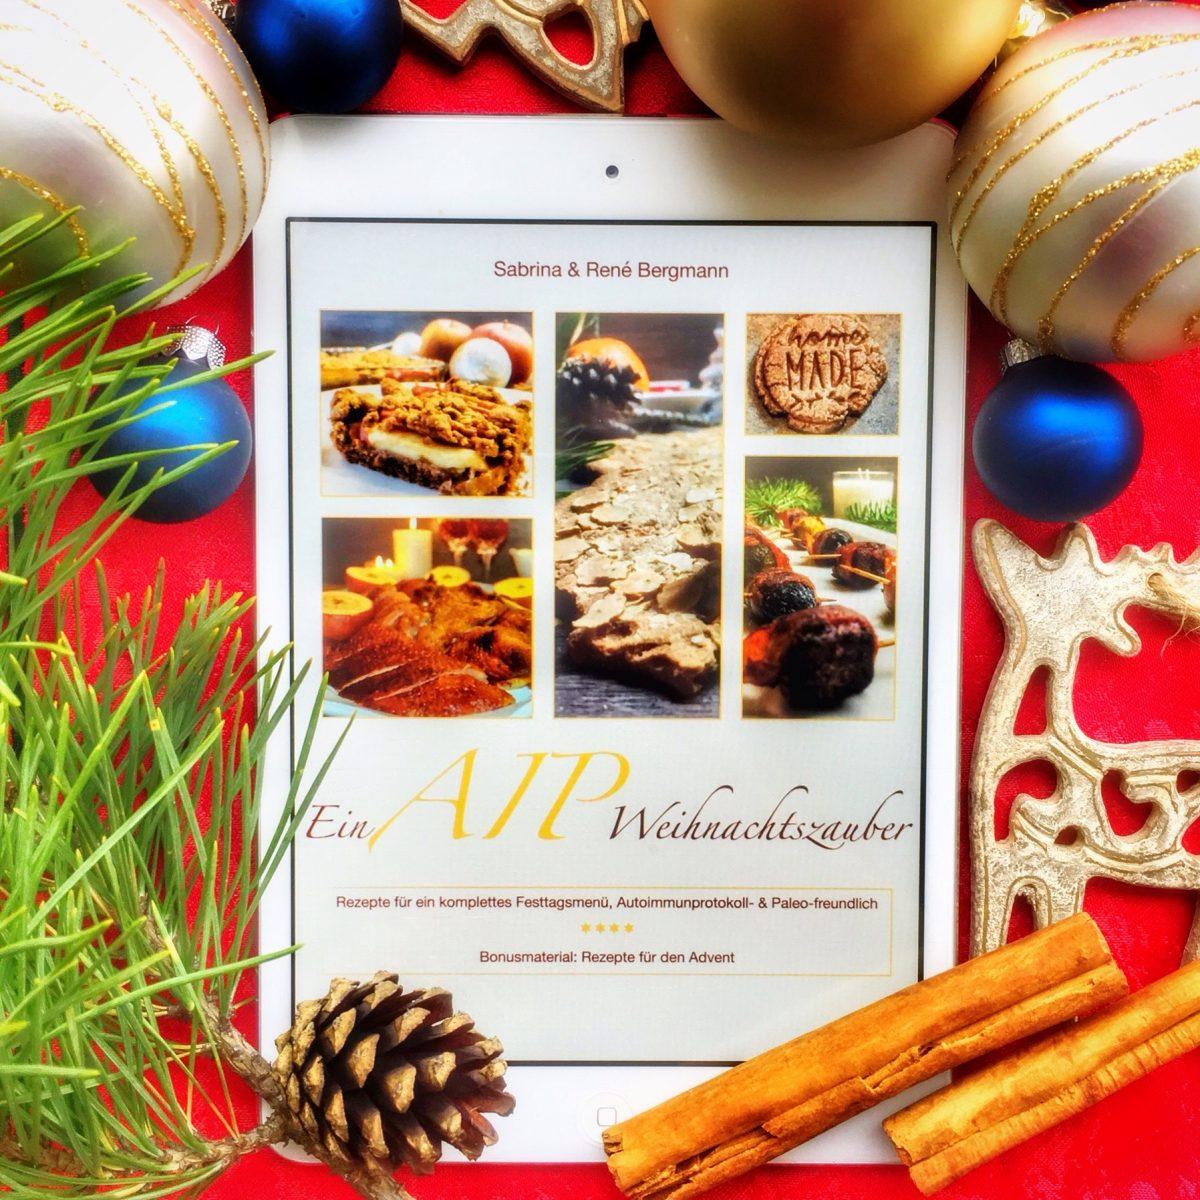 Weihnachten mit dem Autoimmunprotokoll (AIP)